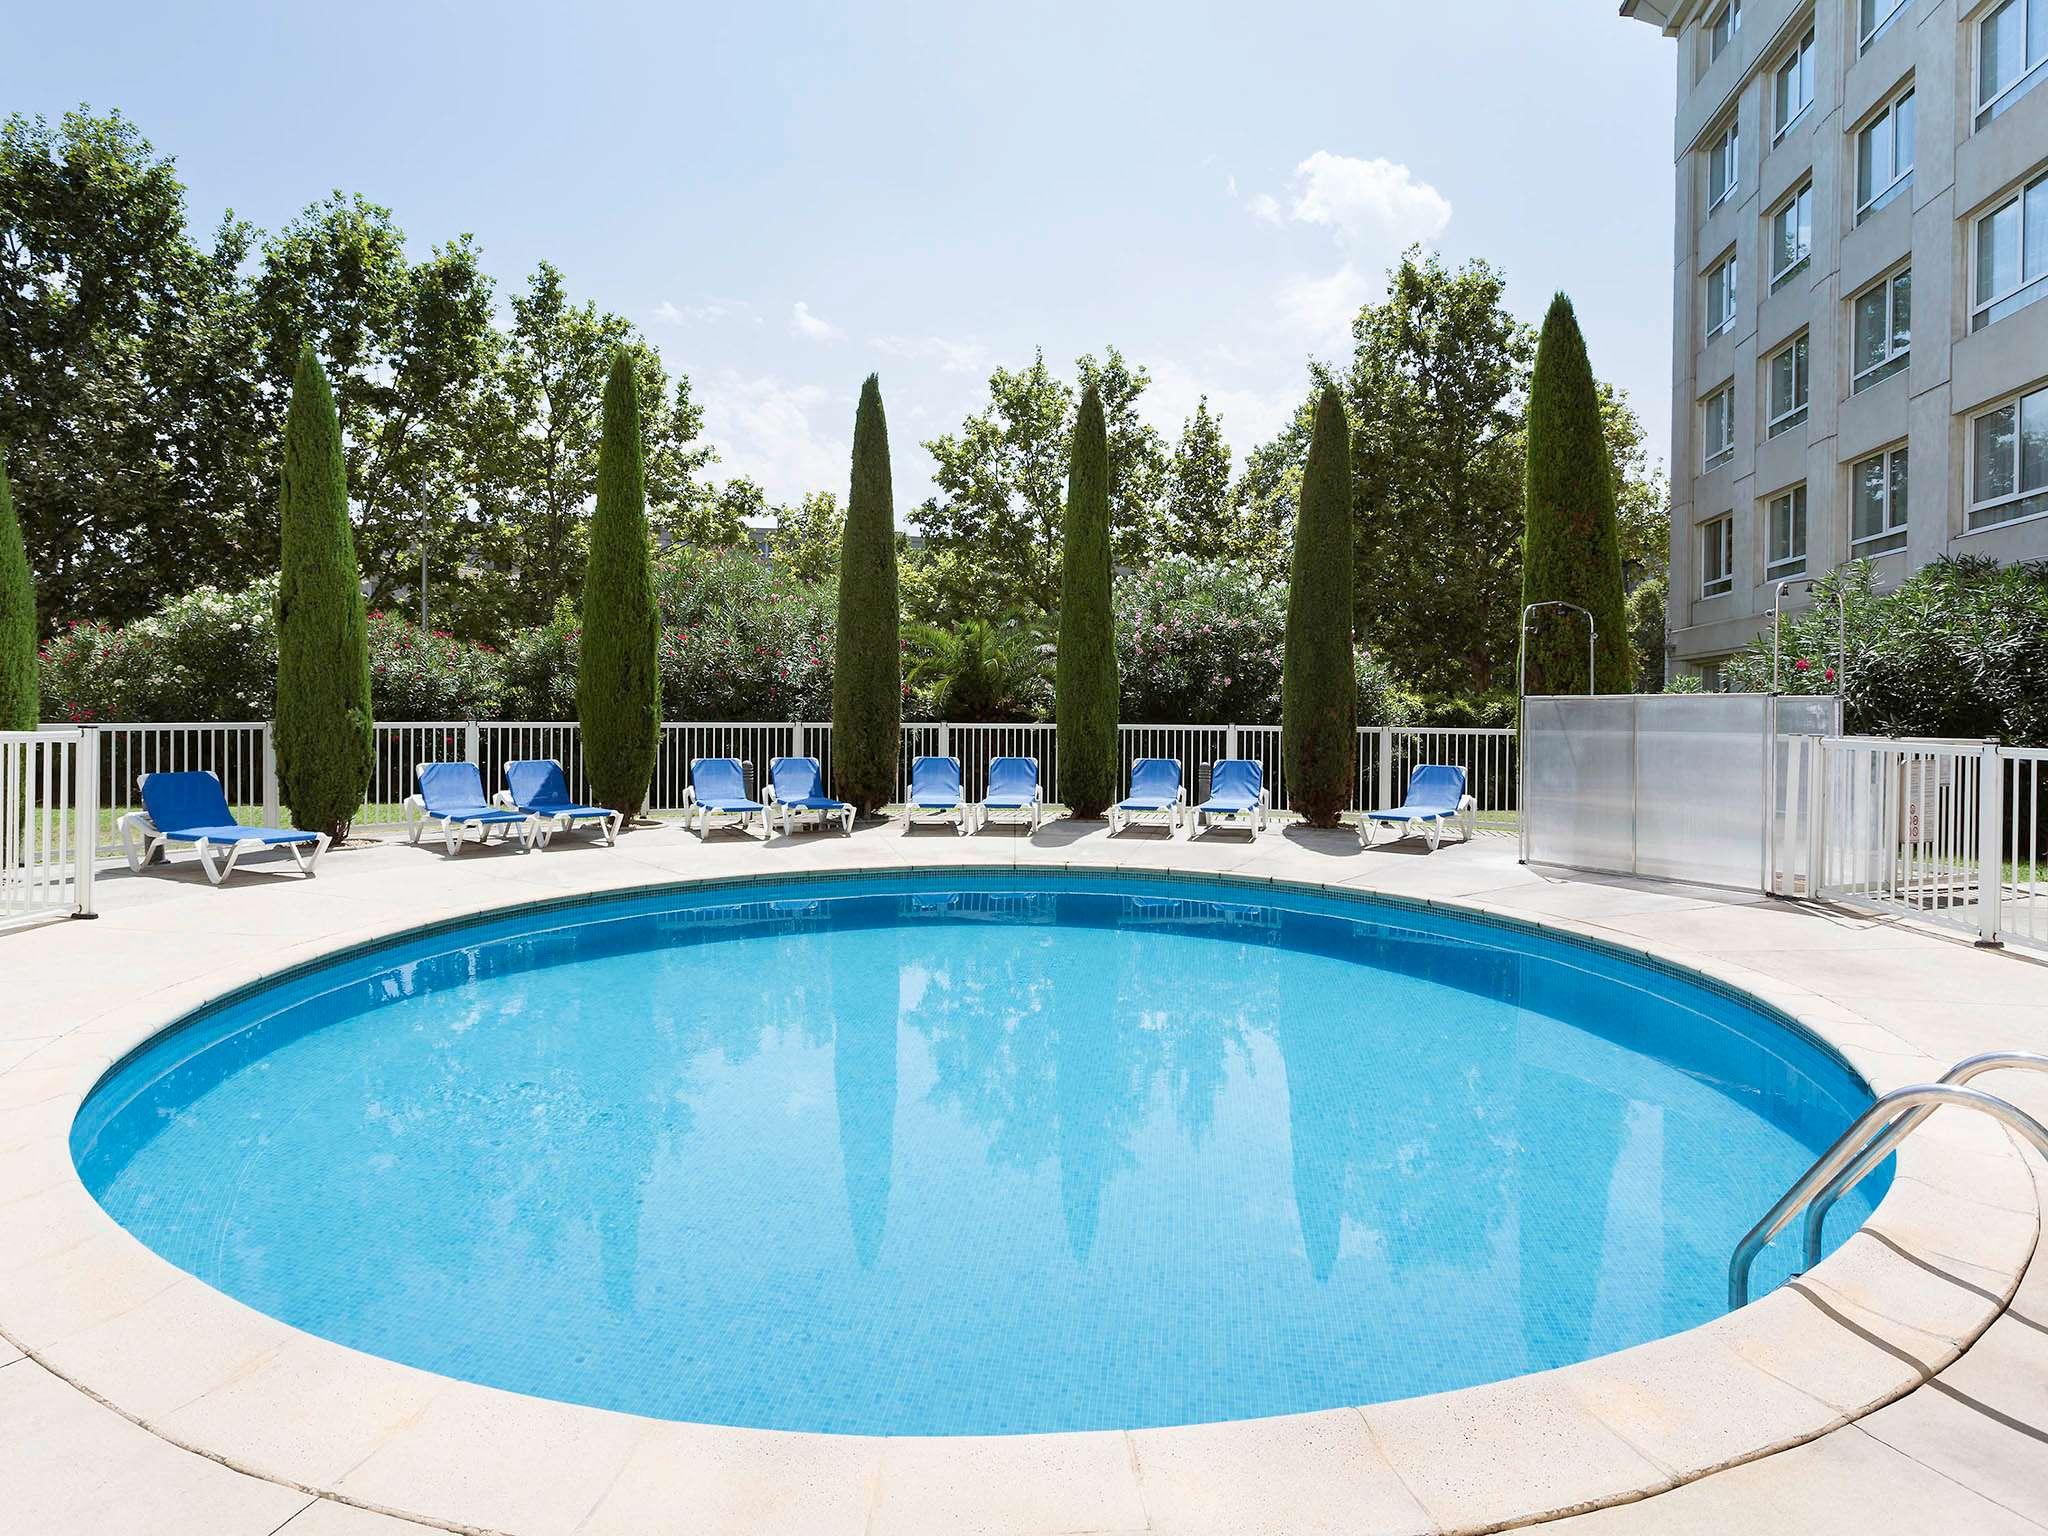 酒店 – 蒙彼利埃诺富特套房酒店